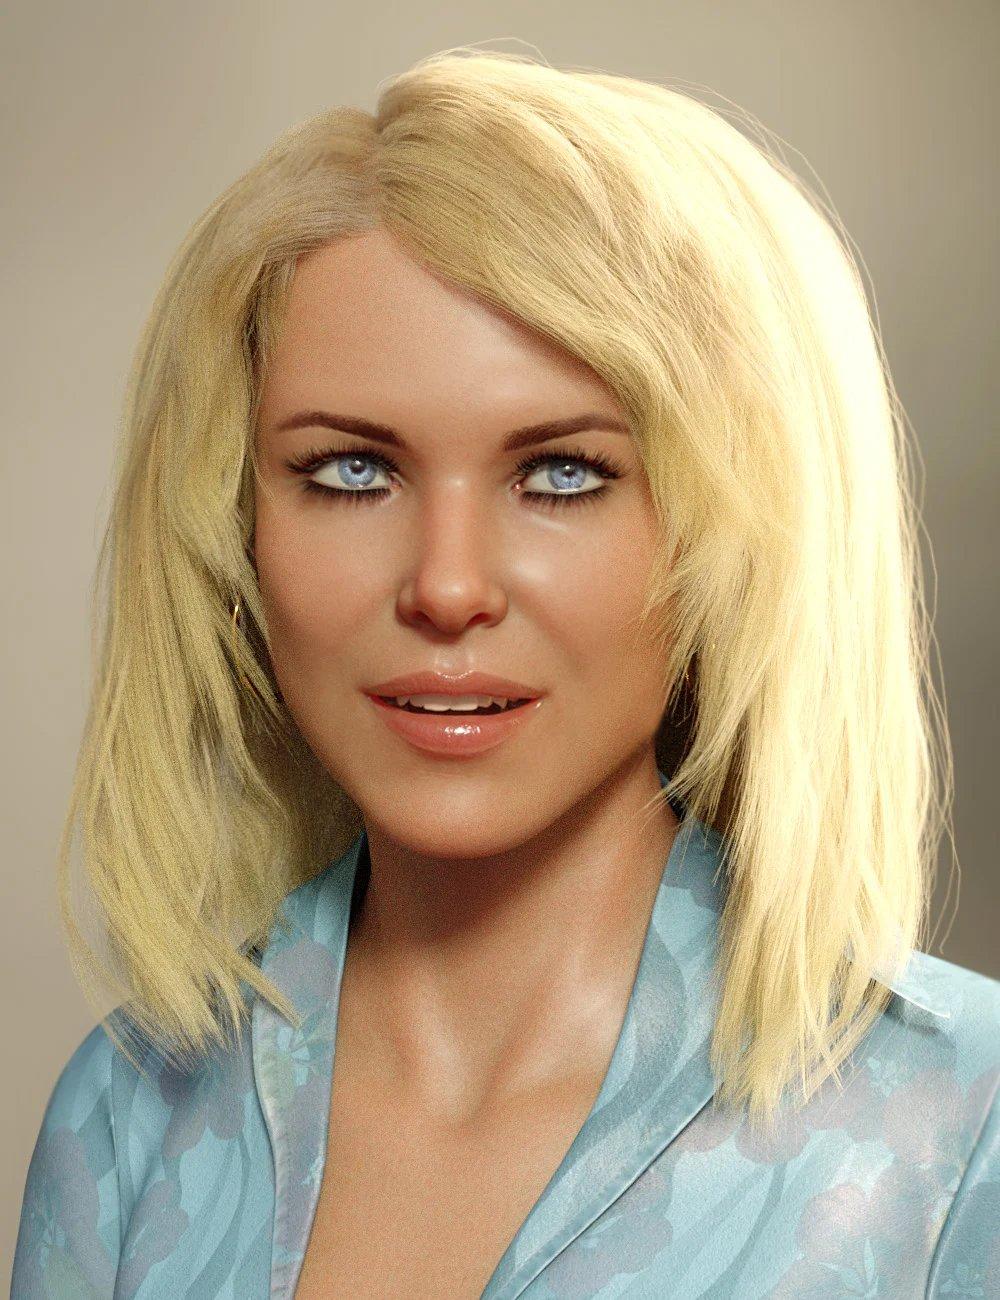 dForce Lynette Hair for Genesis 8 Females